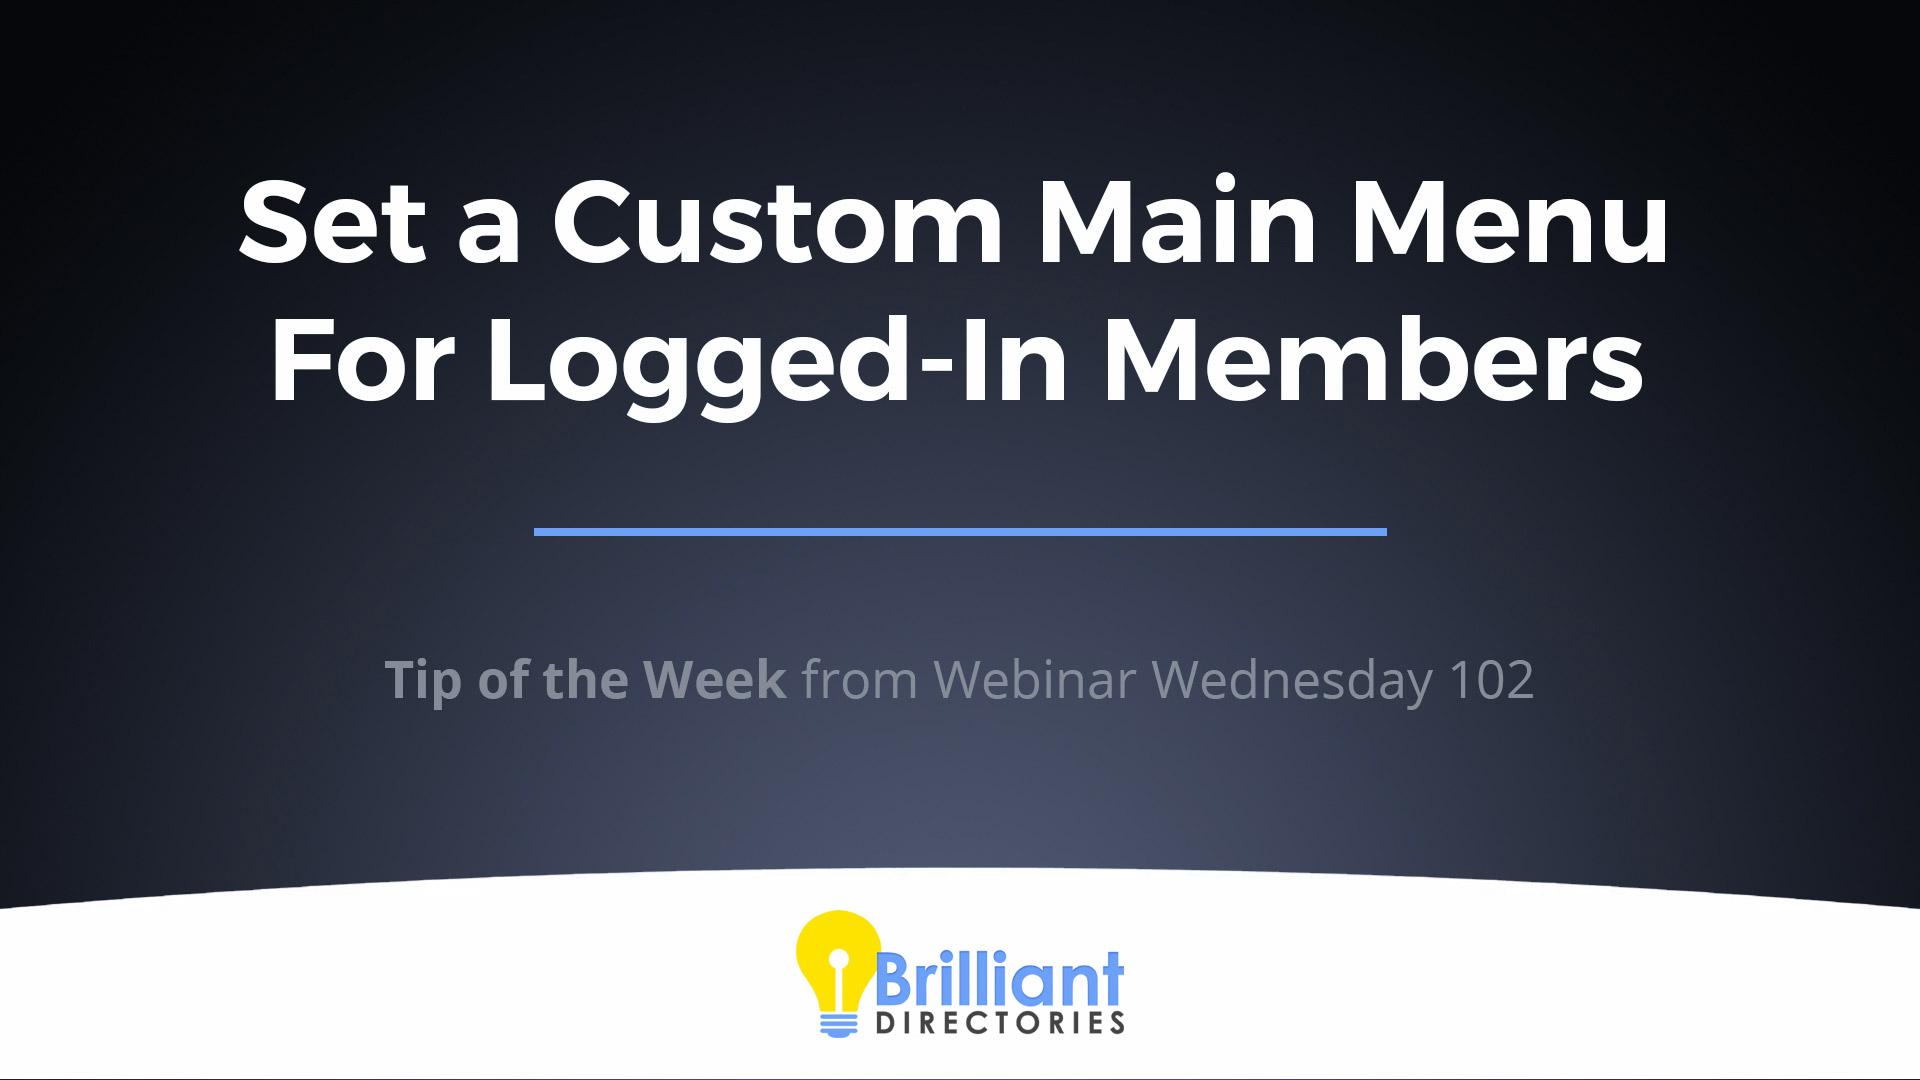 https://www.brilliantdirectories.com/blog/set-a-custom-main-menu-for-logged-in-members